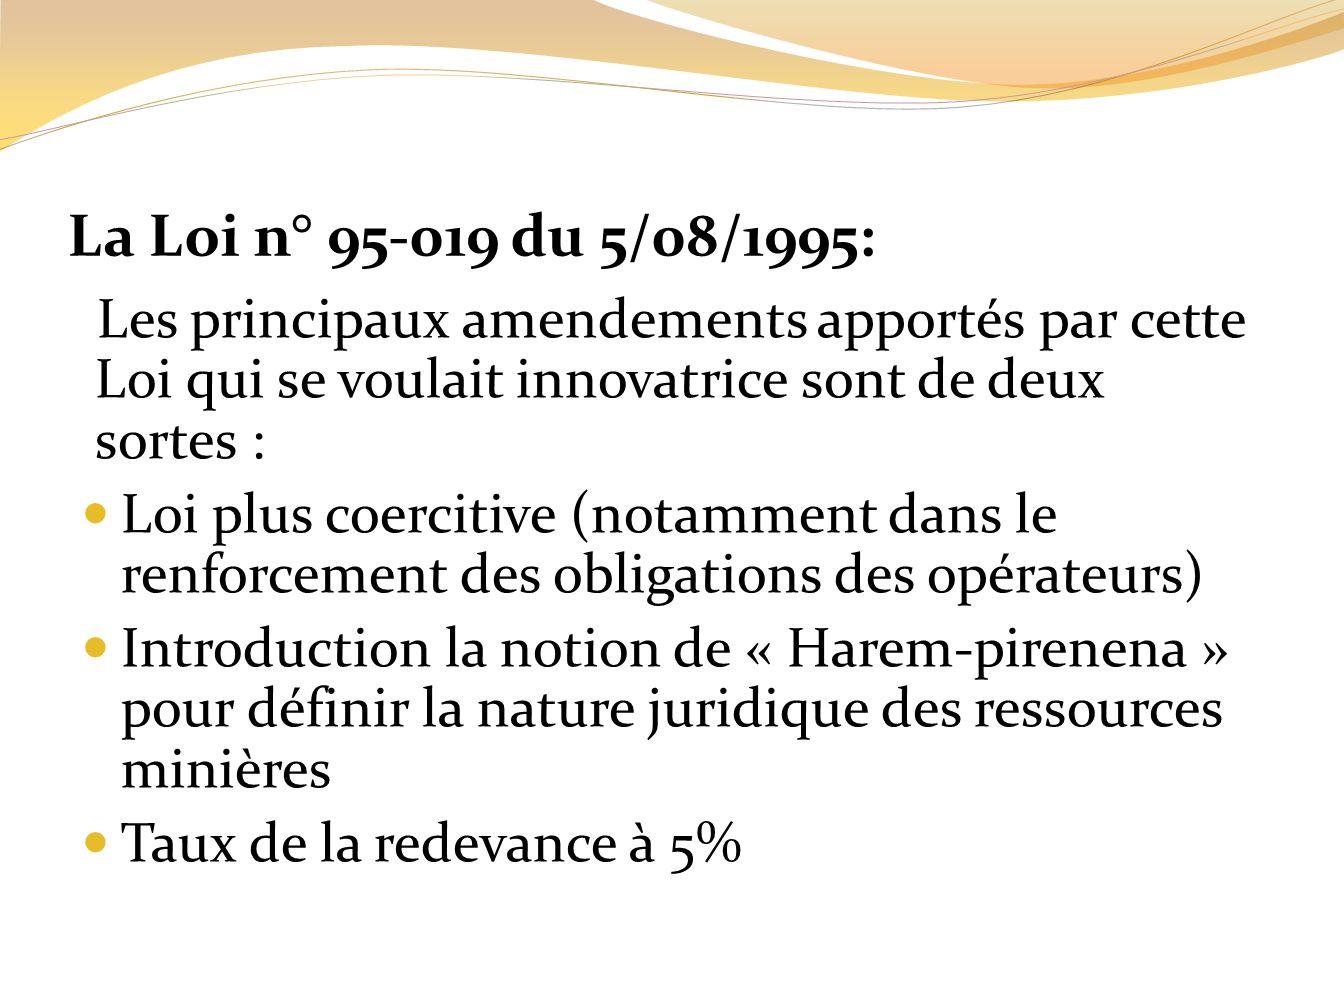 La Loi n° 95-019 du 5/08/1995: Les principaux amendements apportés par cette Loi qui se voulait innovatrice sont de deux sortes : Loi plus coercitive